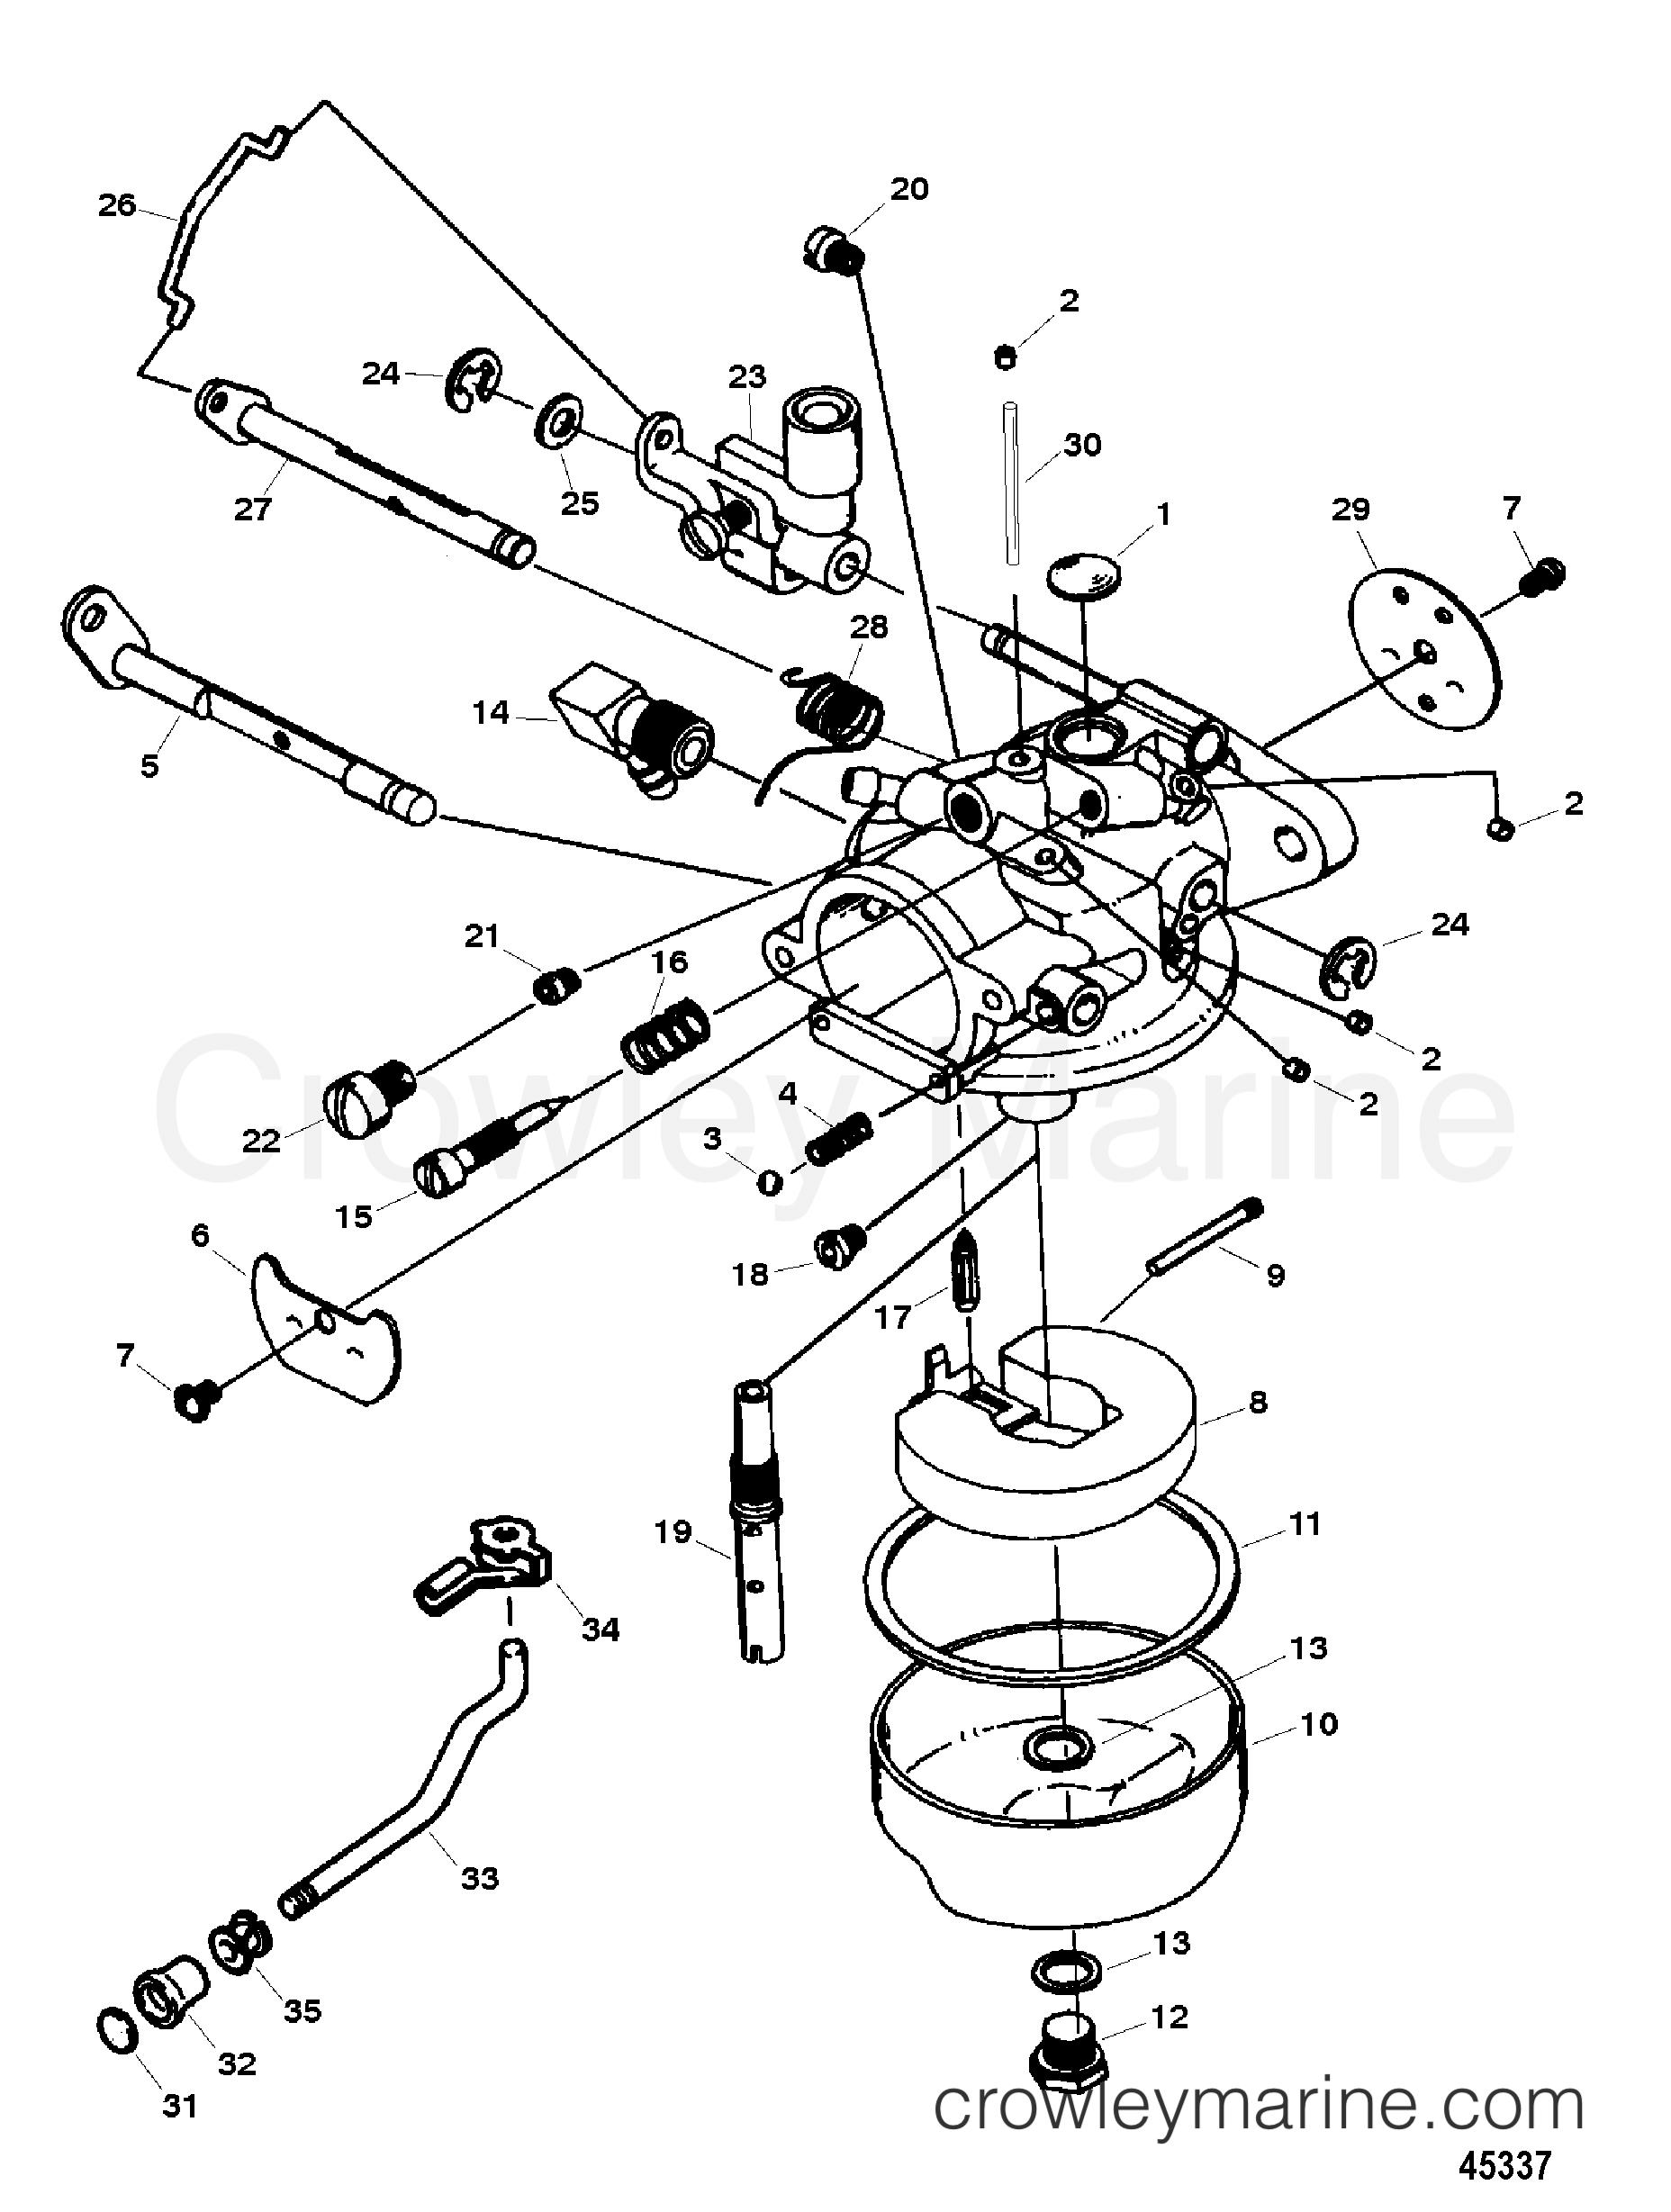 CARBURETOR(15 HP MODEL) (1300-852550T & 852550A1) - 1996 ...